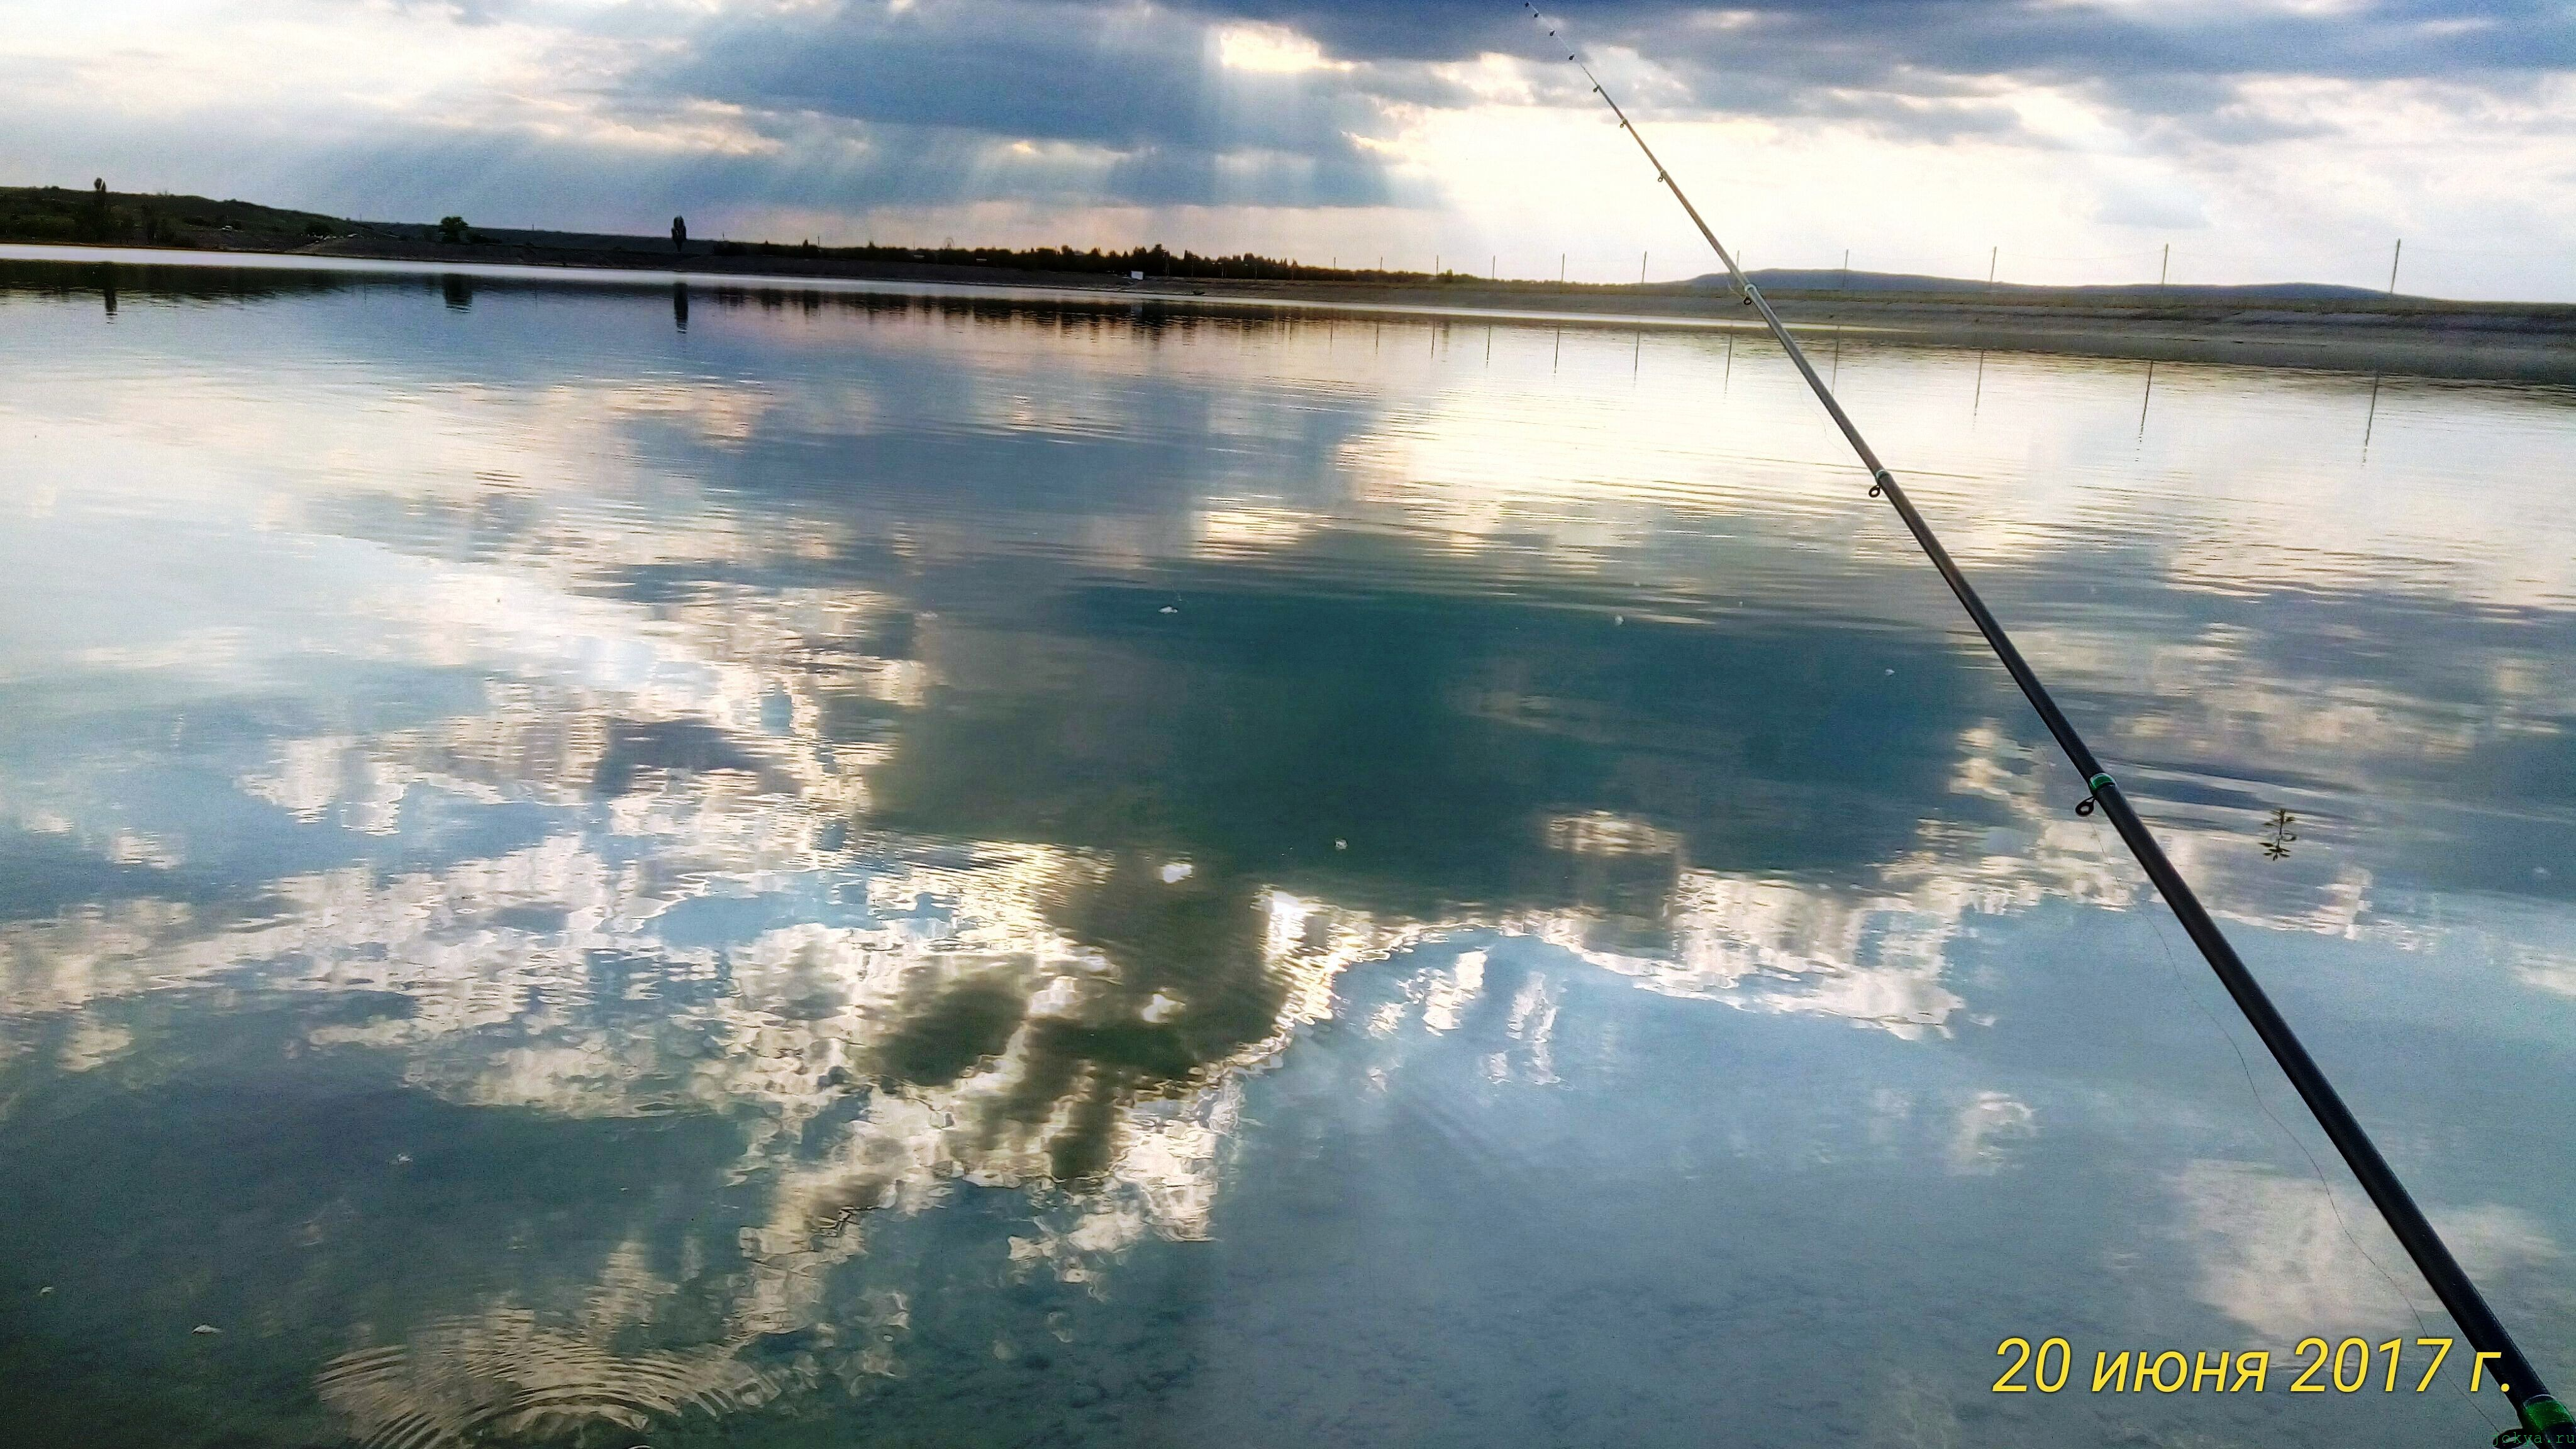 Отдых в Крыму: на рыбалку пешком фото заметка из моей реальности в Крыму jokya.ru